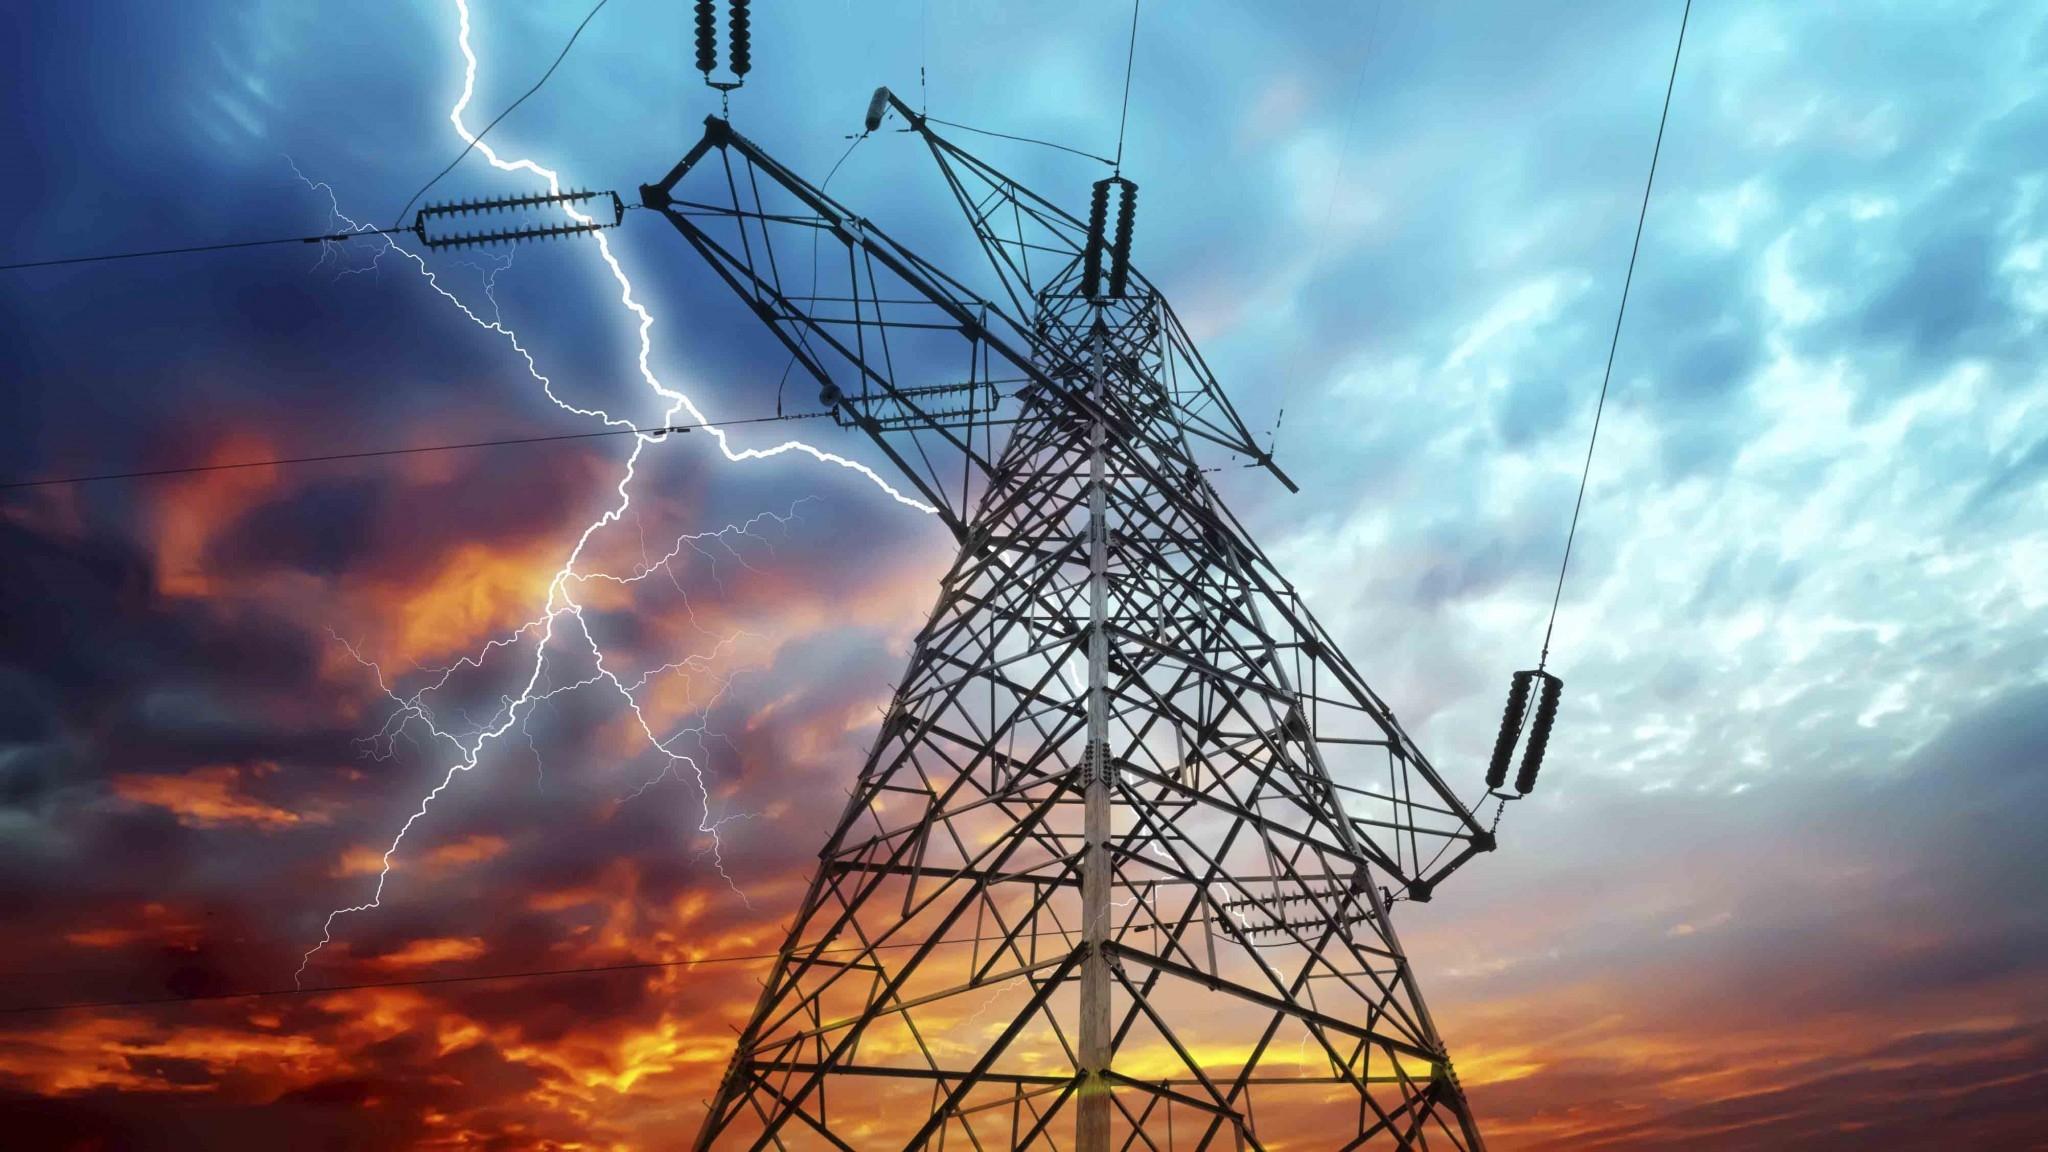 Энергоснабжение в Крыму будет полностью восстановлено в течение часа — Аксенов